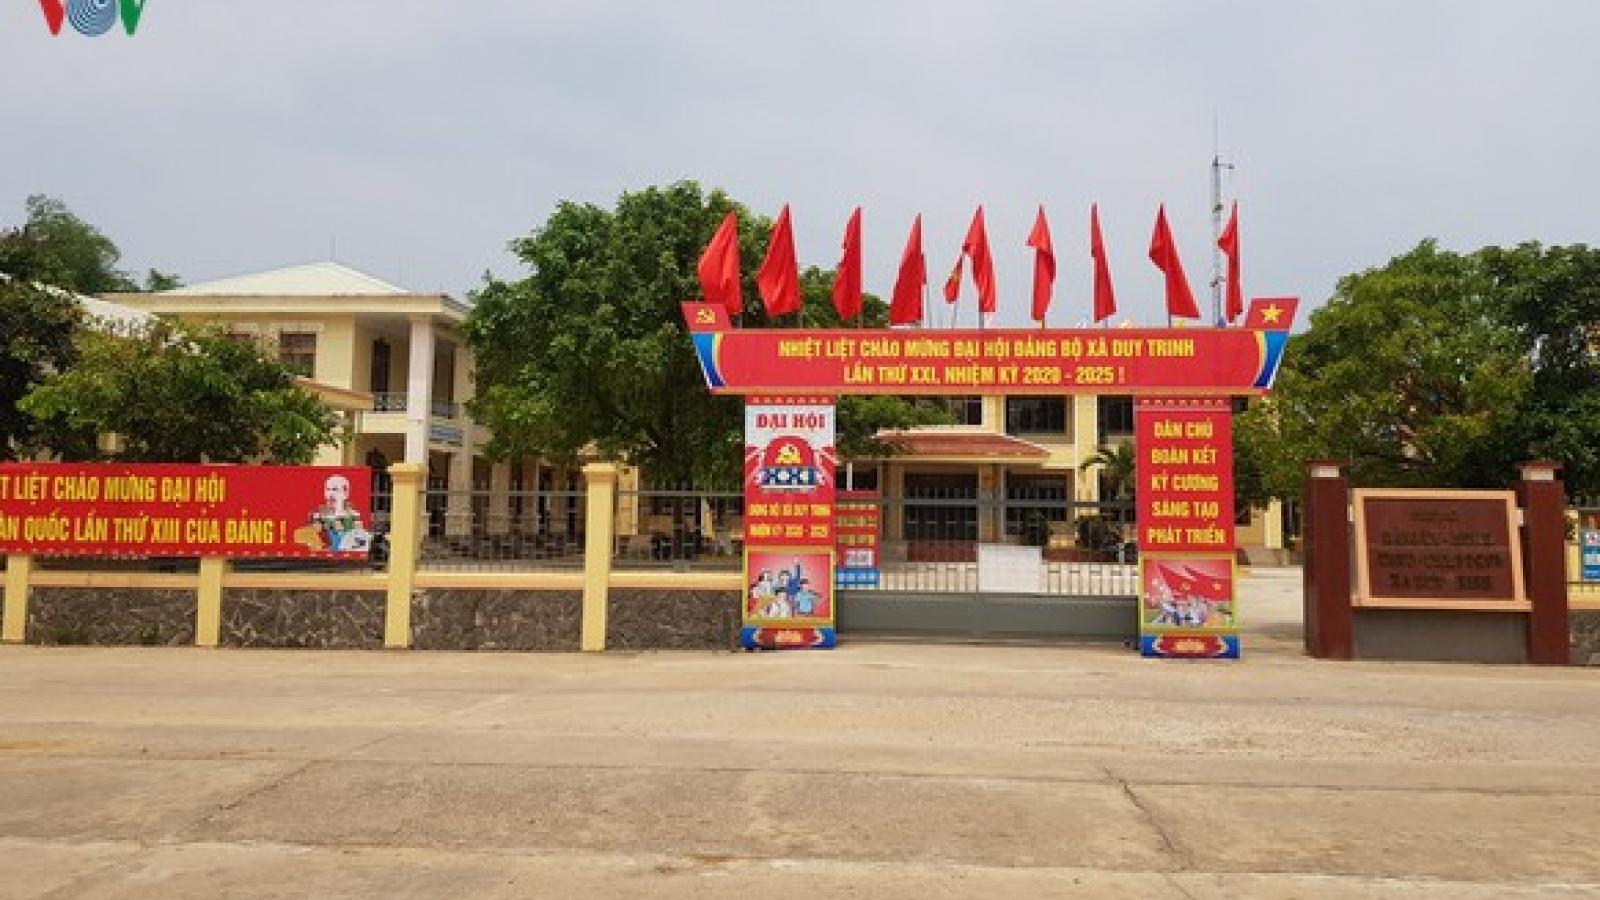 Quảng Nam tổ chức Đại hội Đảng bộ cấp huyện trong tháng 6